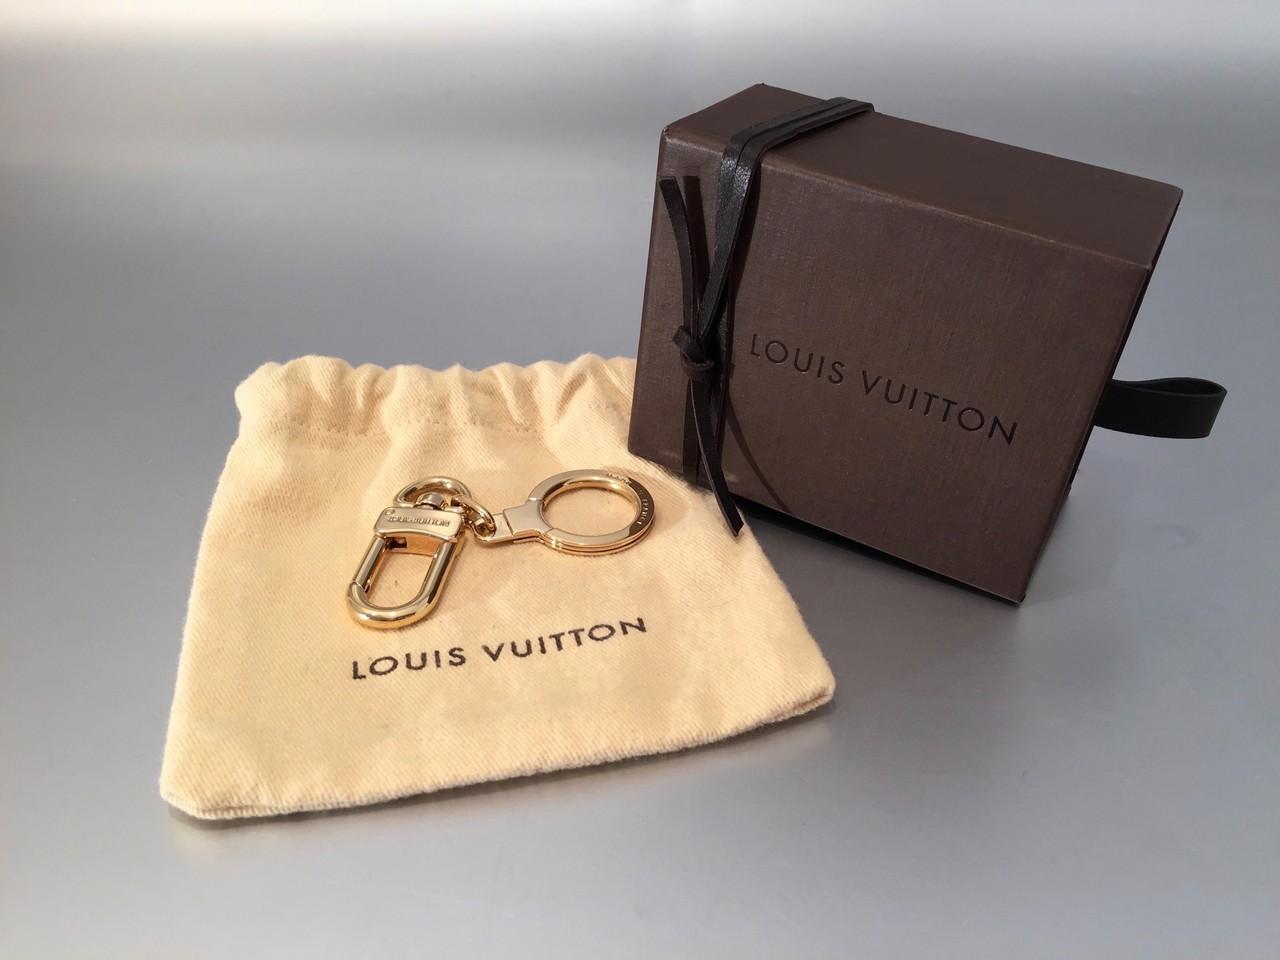 da73e560ecd2f Louis Vuitton Bolt Schlüsselanhänger in Gold - Ankauf   Verkauf ...